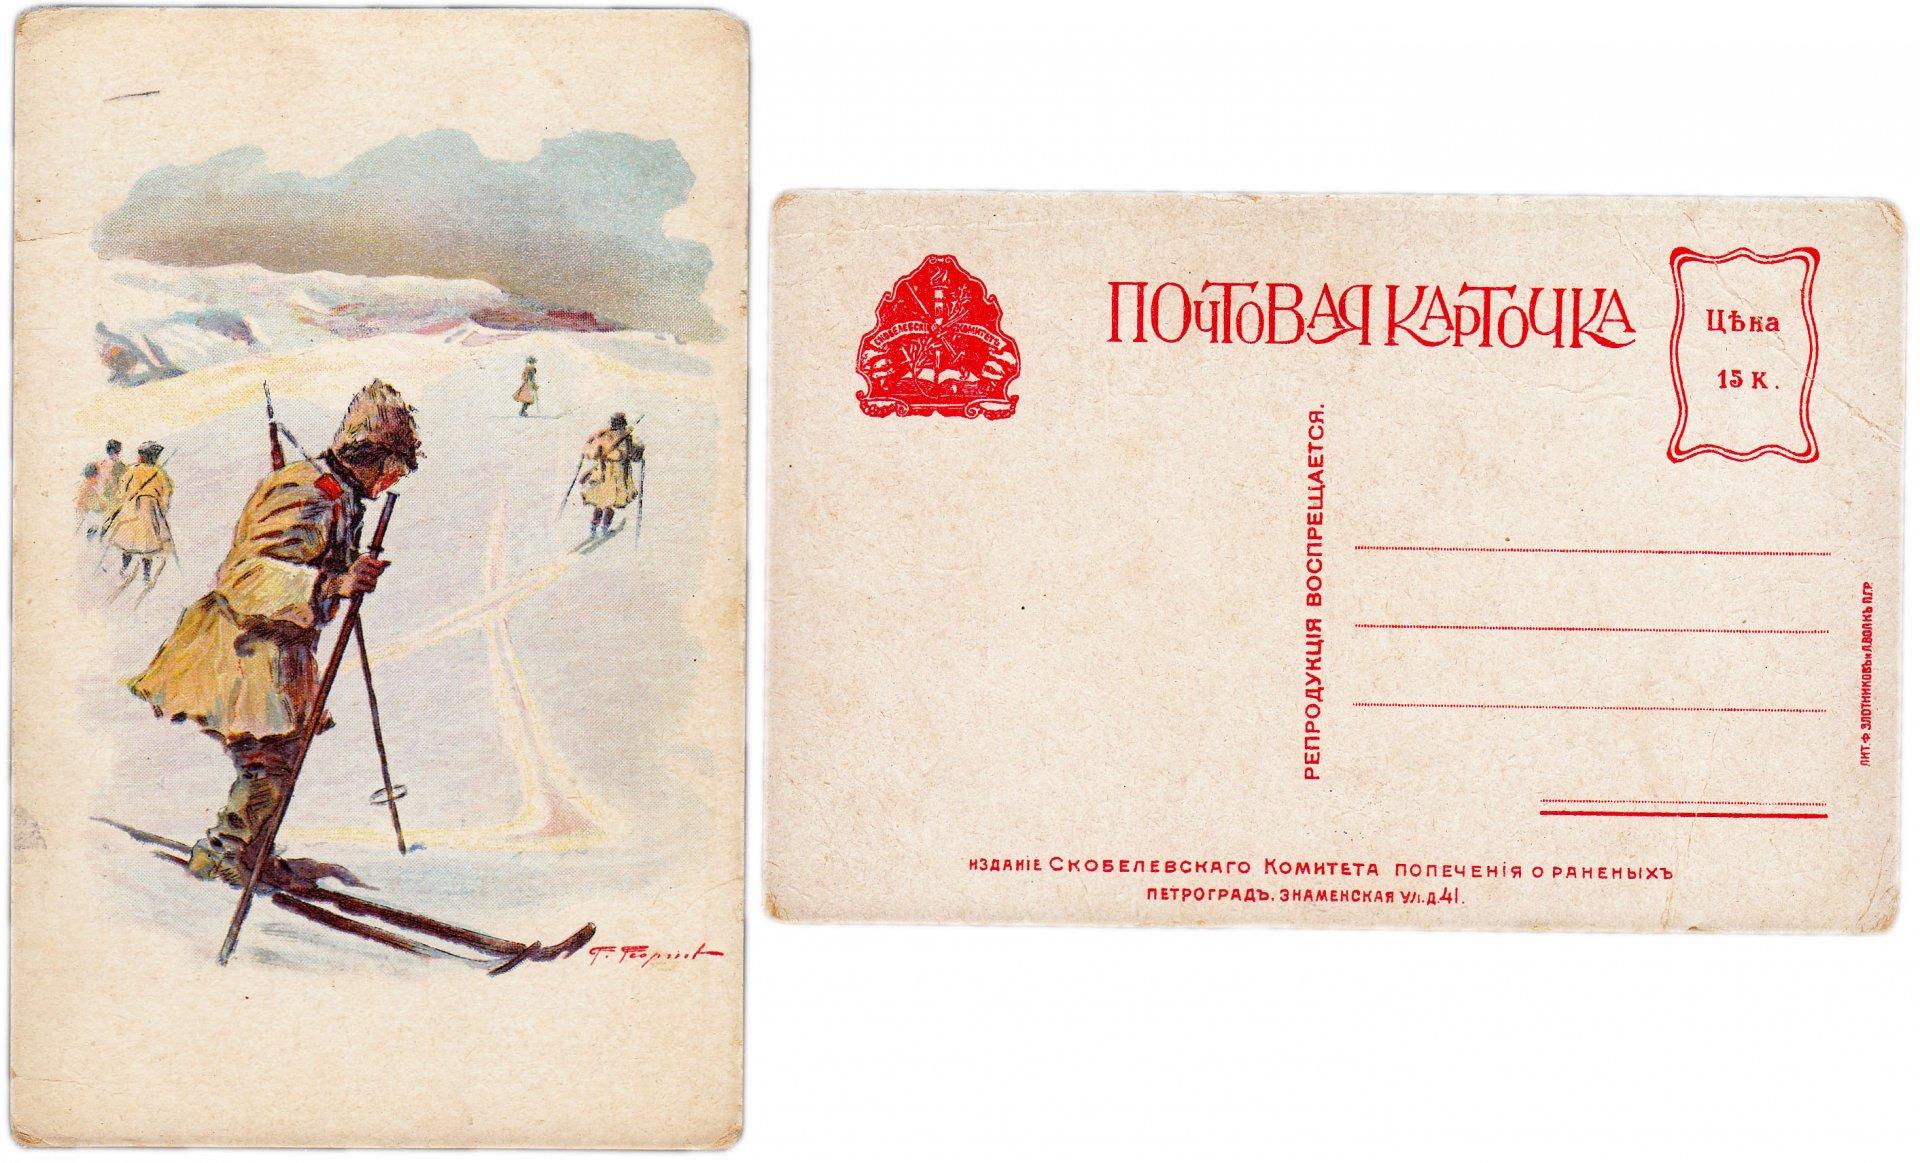 Картинках сыну, оценка почтовых открыток